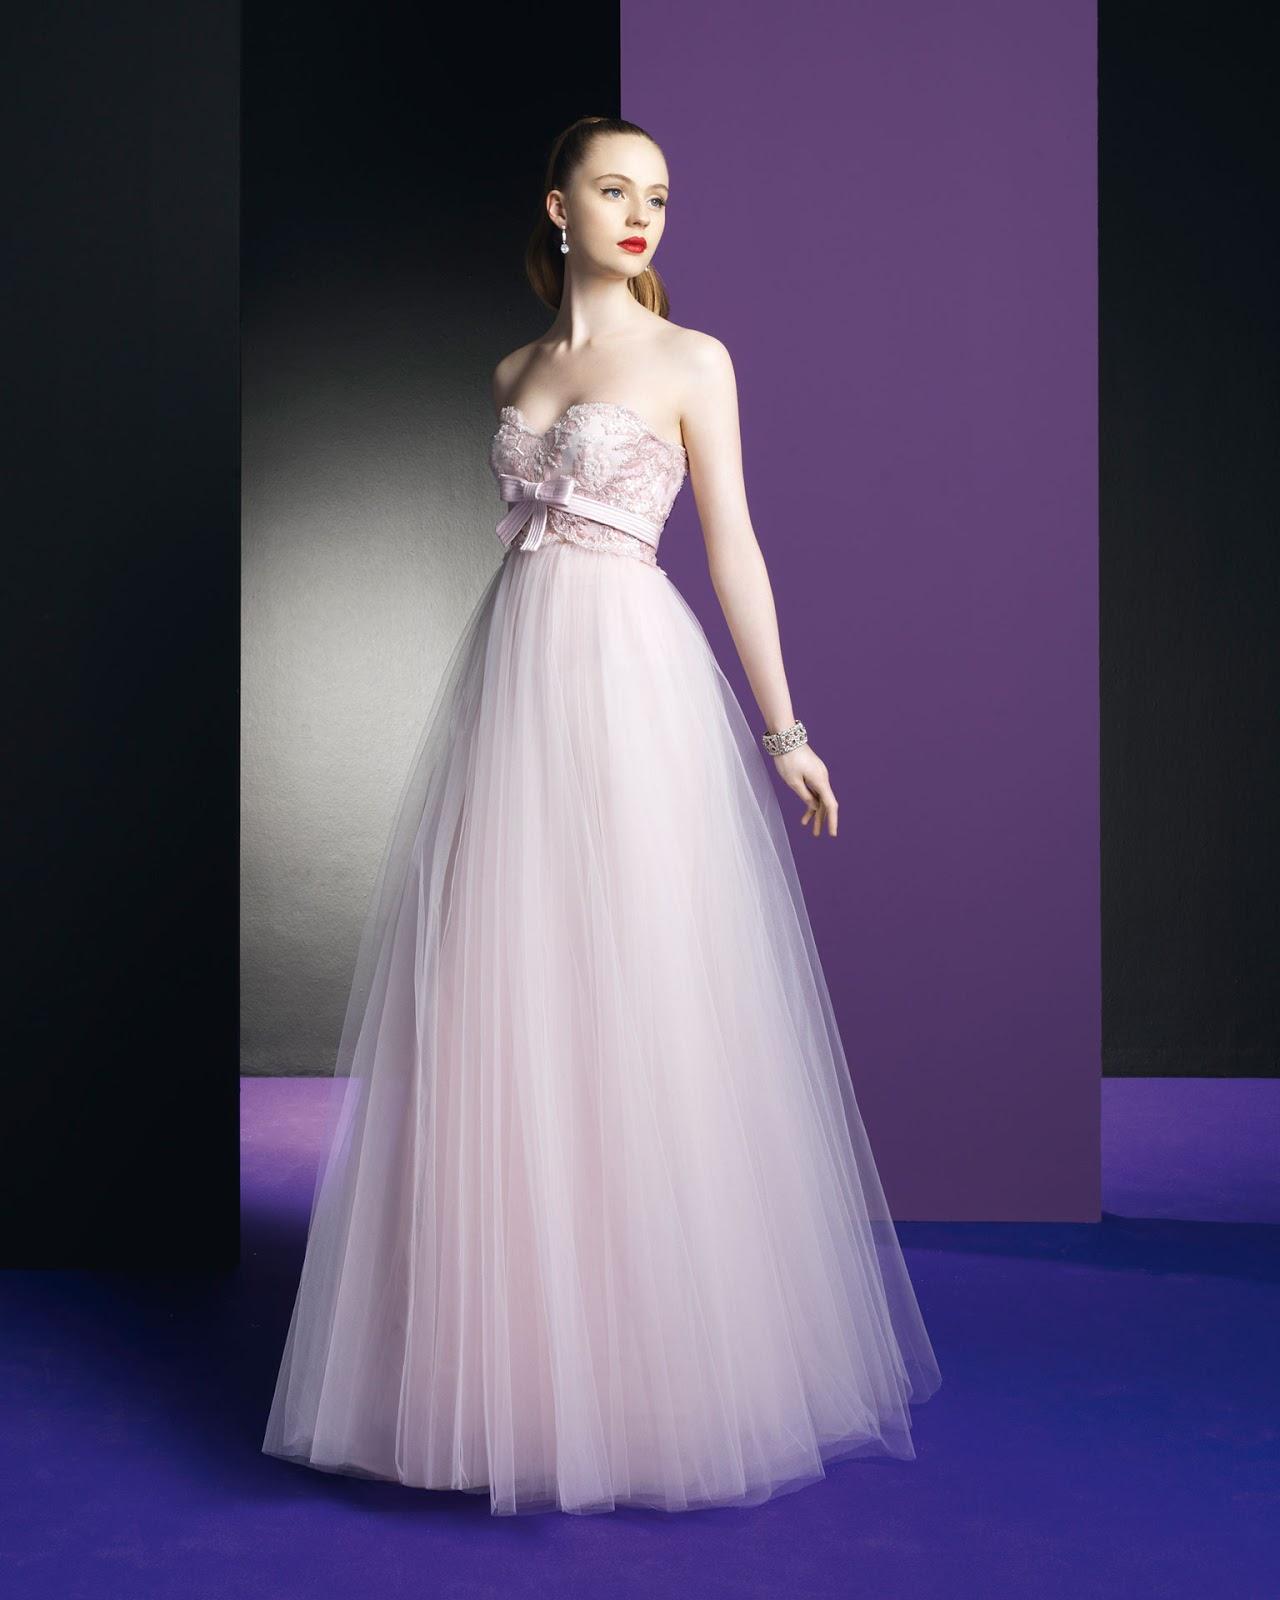 Vistoso Las Pautas De Vestidos De Las Damas Cresta - Vestido de ...